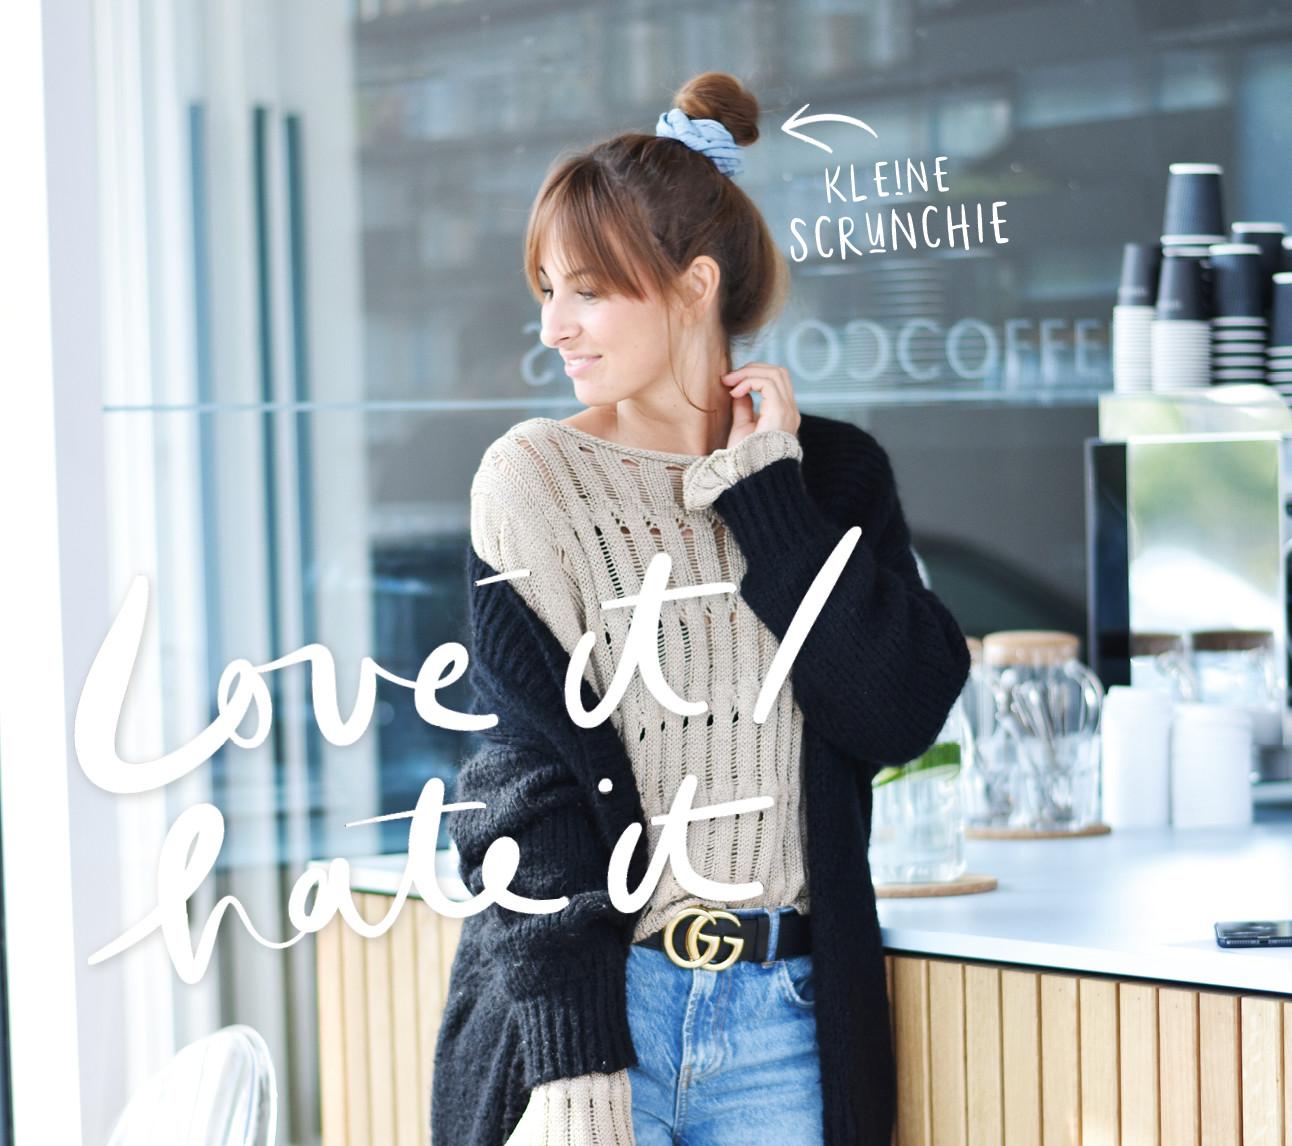 lilian brijl lachend in de coffeconcepts met een scrunchie in haar haar